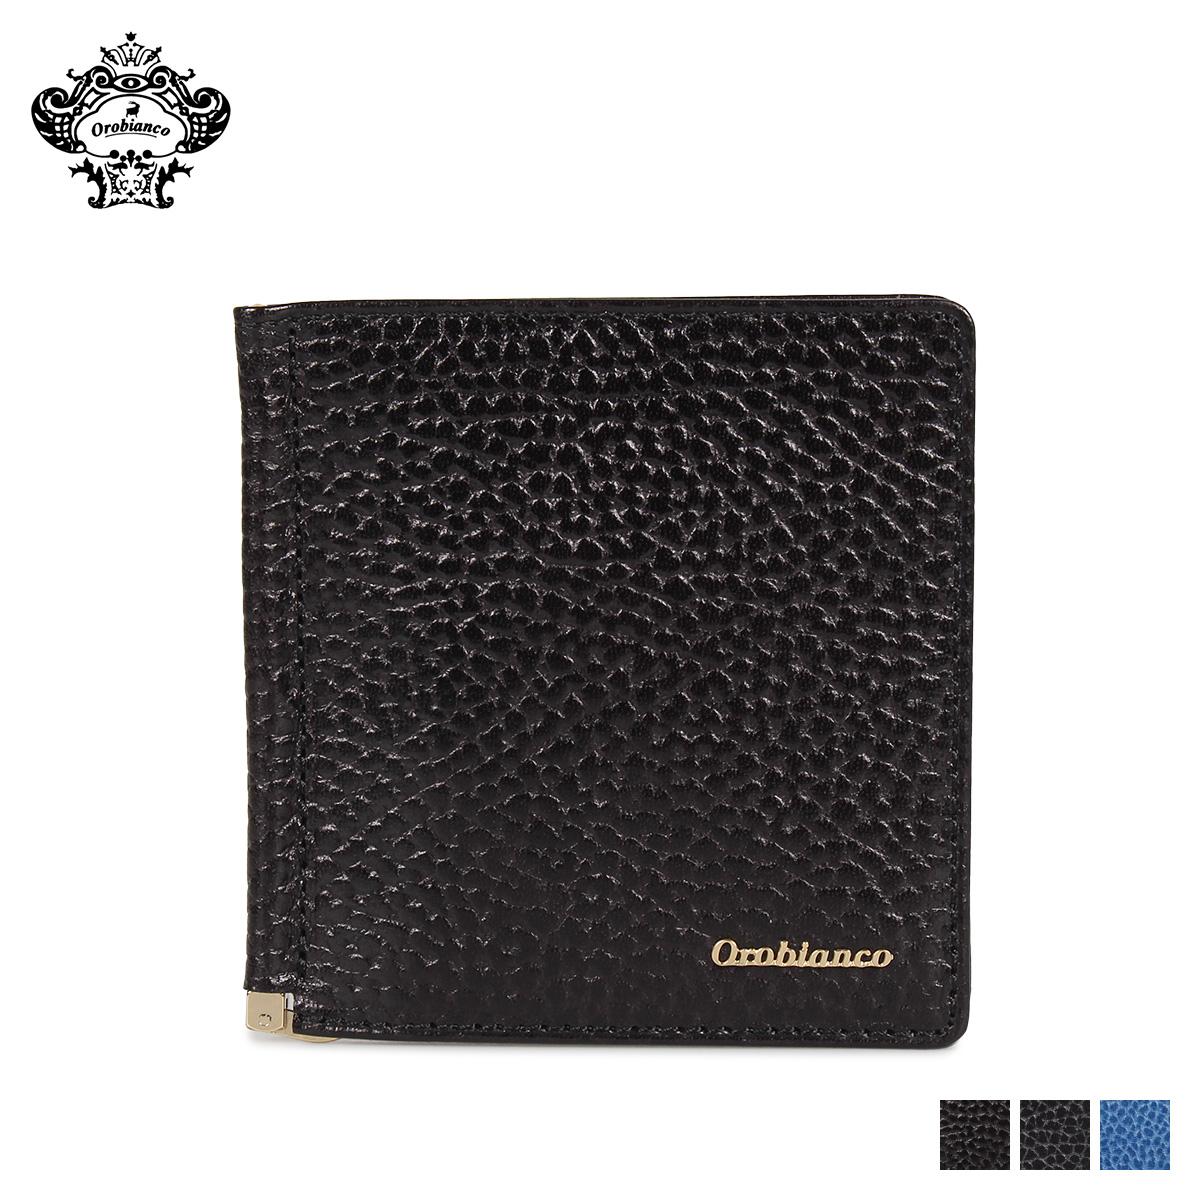 Orobianco MONEY CLIP オロビアンコ 財布 二つ折り マネークリップ メンズ 本革 ブラック ネイビー ブルー 黒 ORS-021508